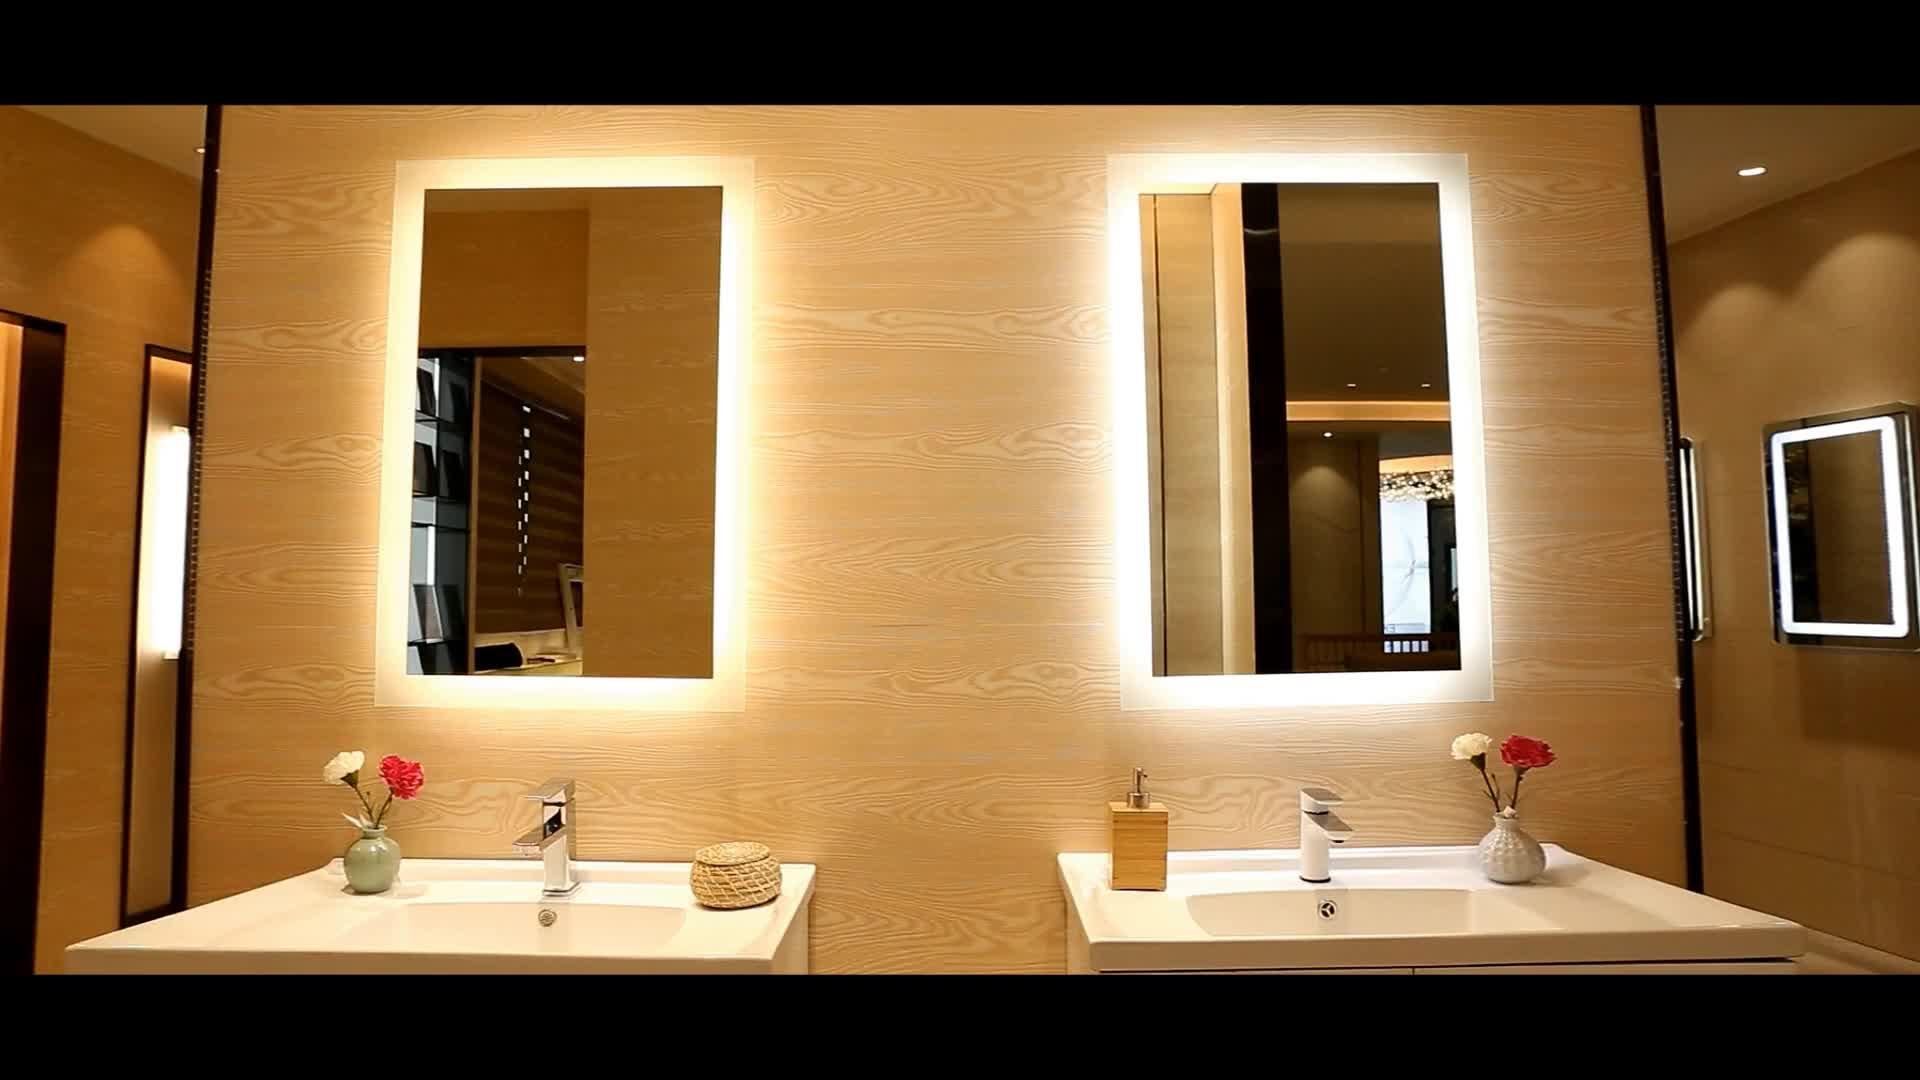 Popular Bathroom Design Wall Mounted Fog Free Shower